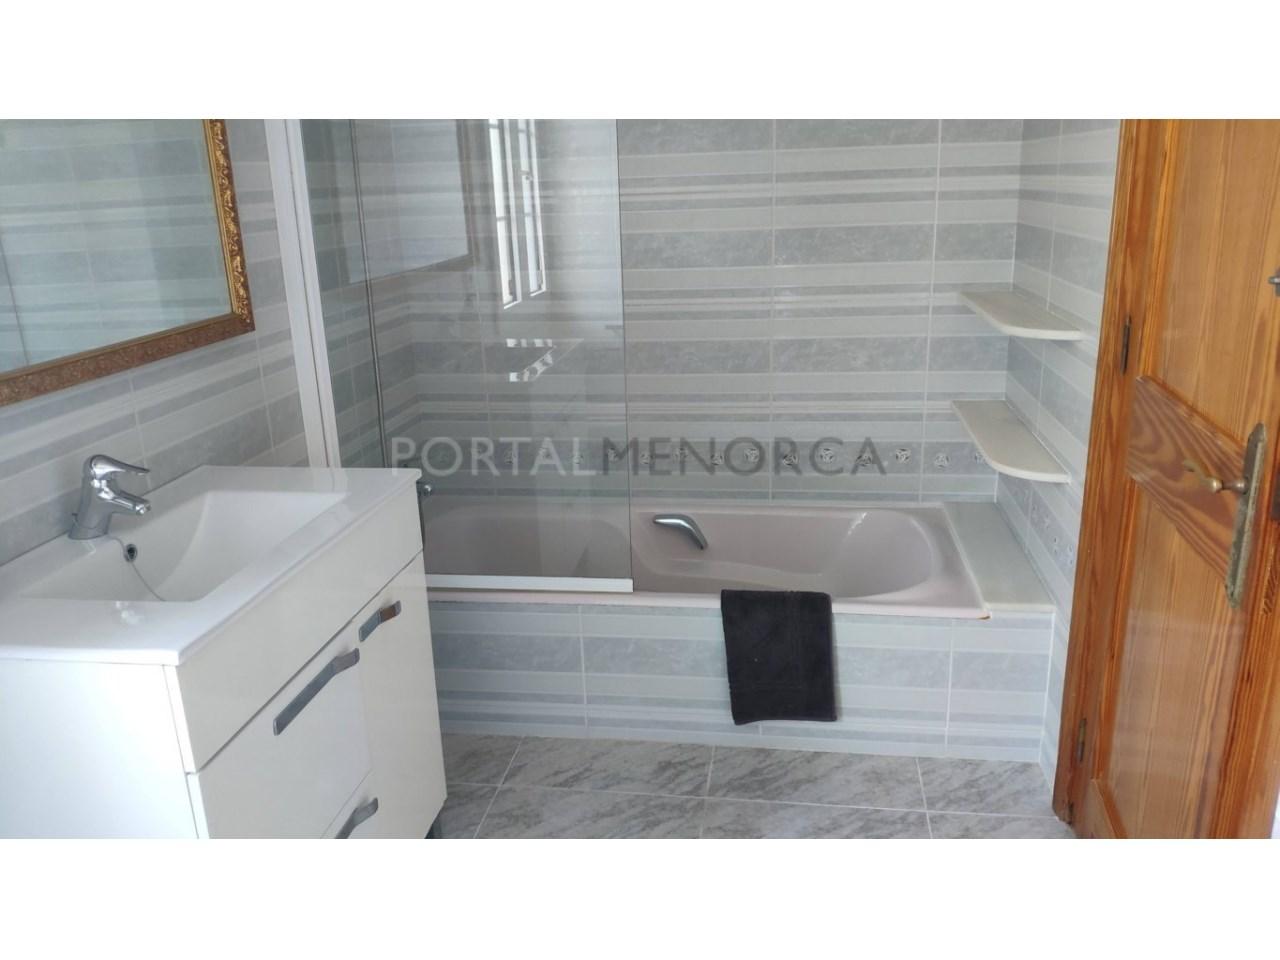 Chalet en venta en Calan Blanes con licencia turística Ciutadella Menorca - baño planta baja